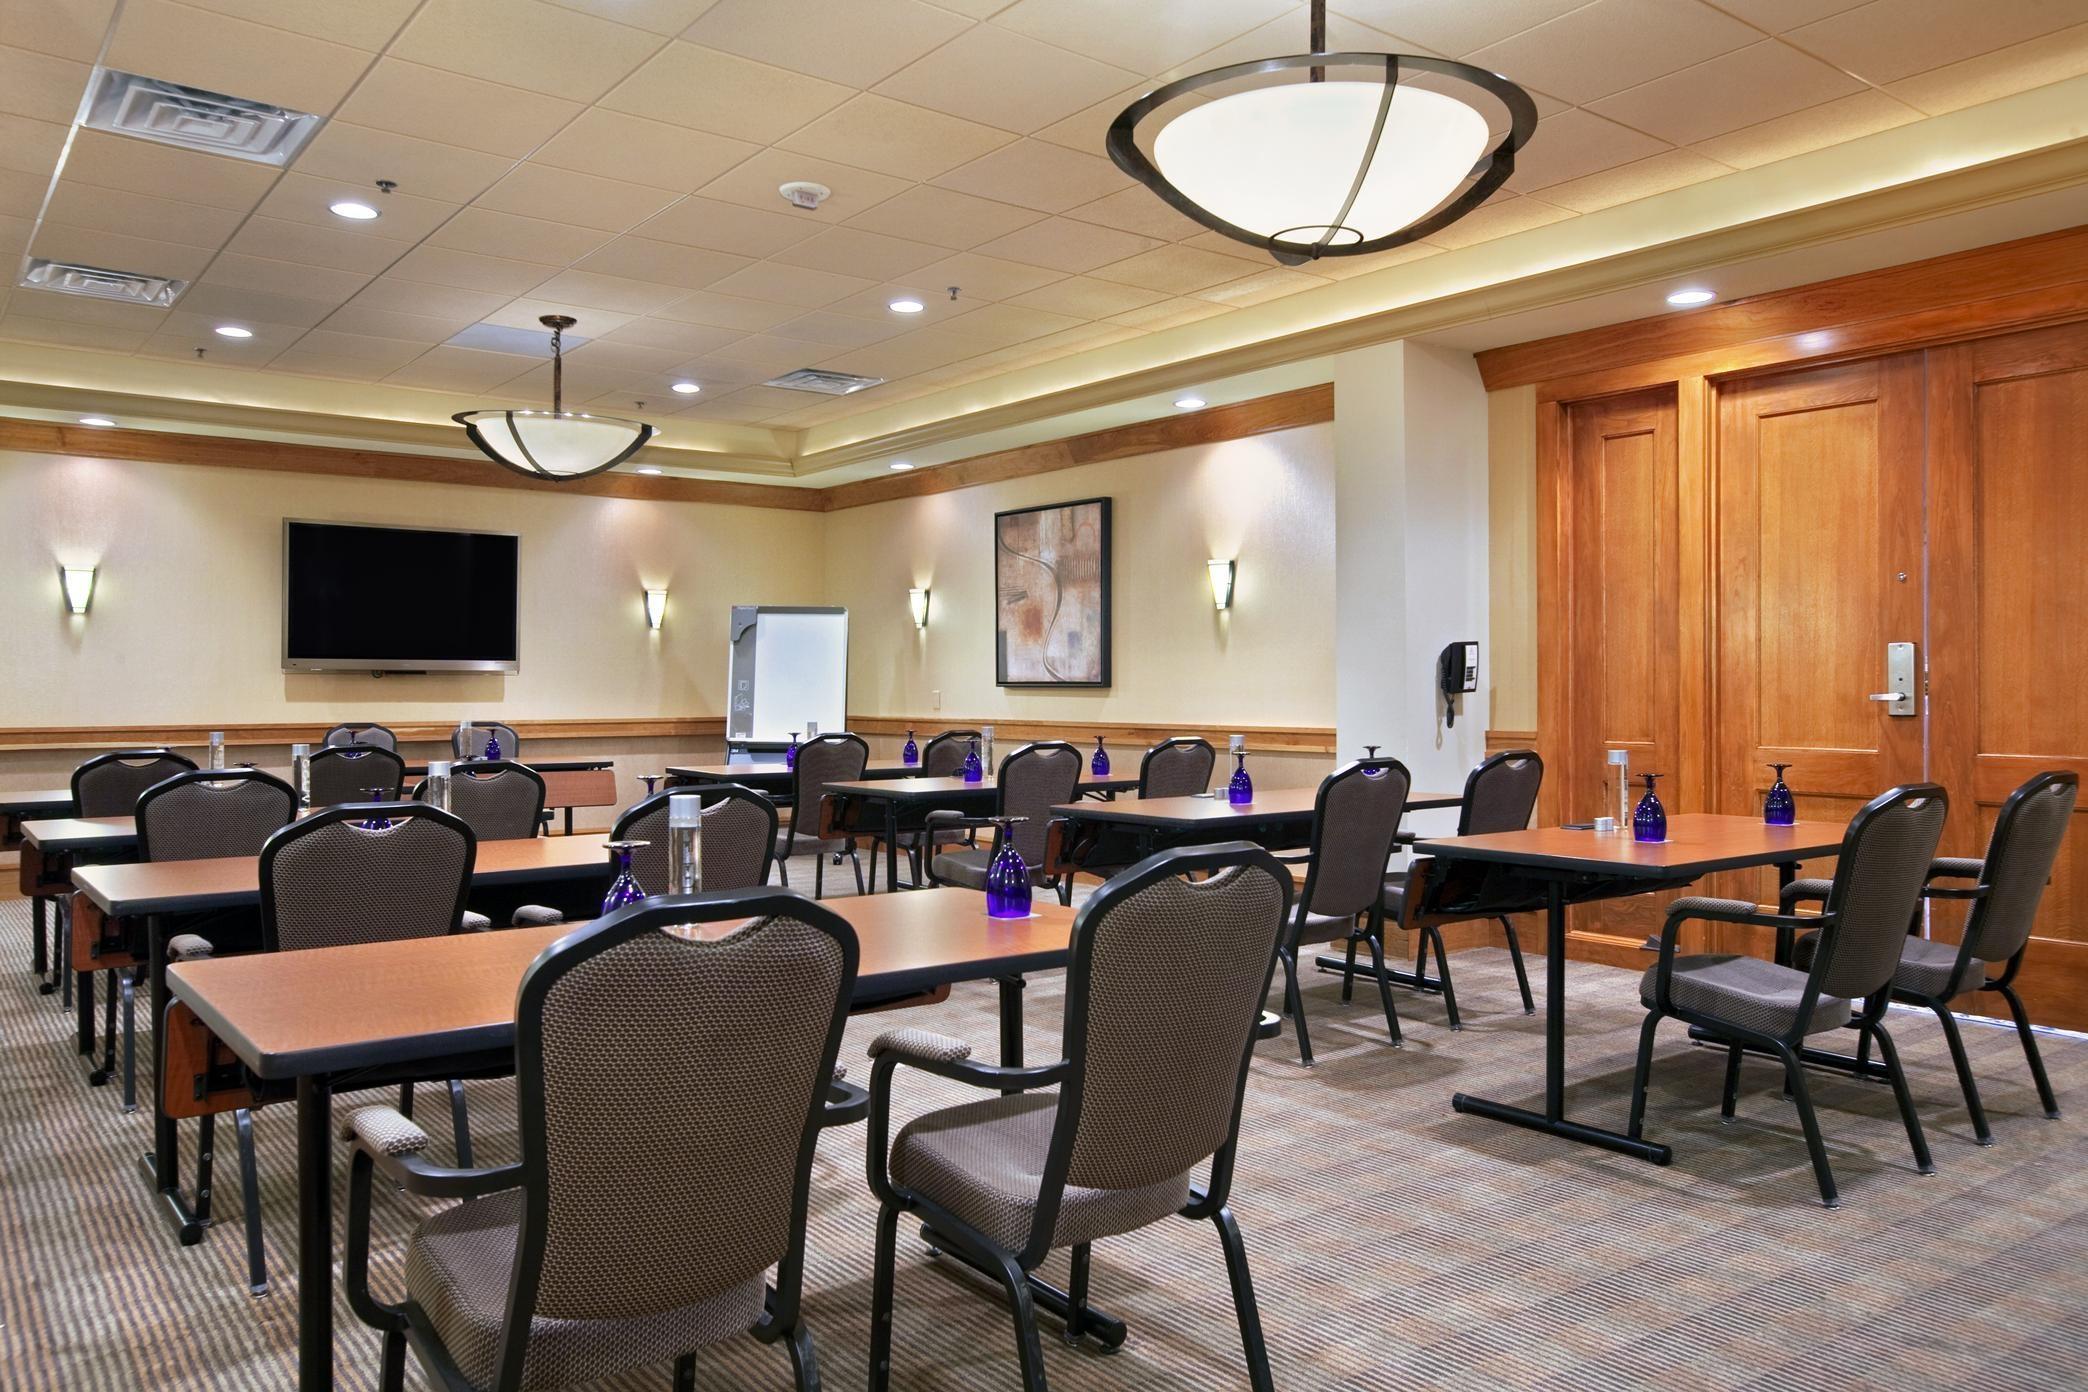 Hilton Chicago/Oak Brook Suites image 30